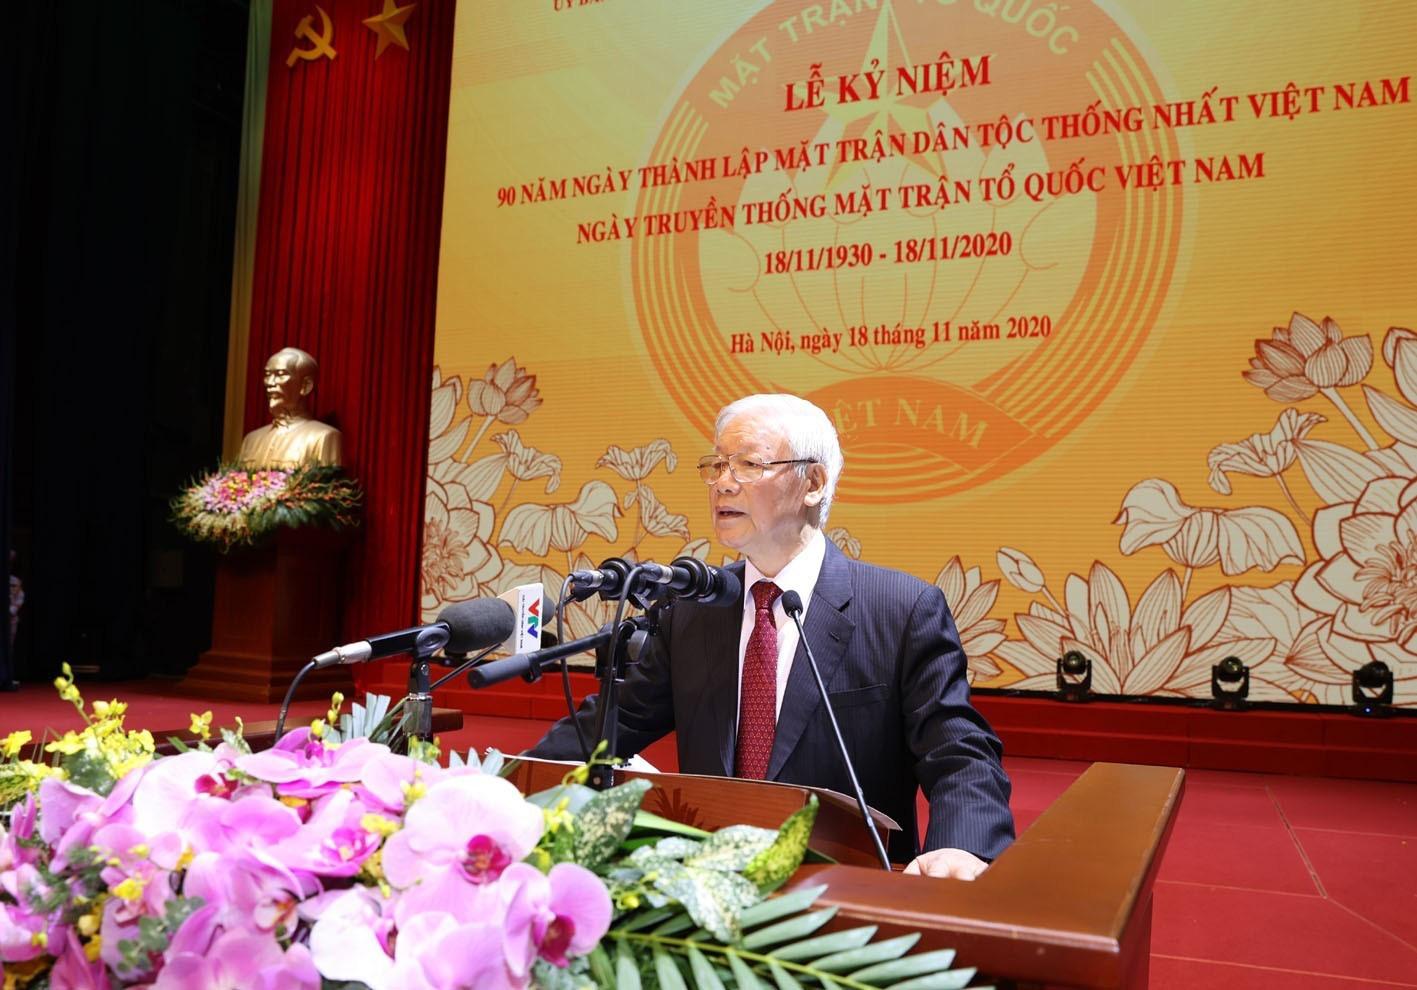 Thiên tai, dịch bệnh không thể cản bước lòng tự hào Việt Nam! - Ảnh 18.